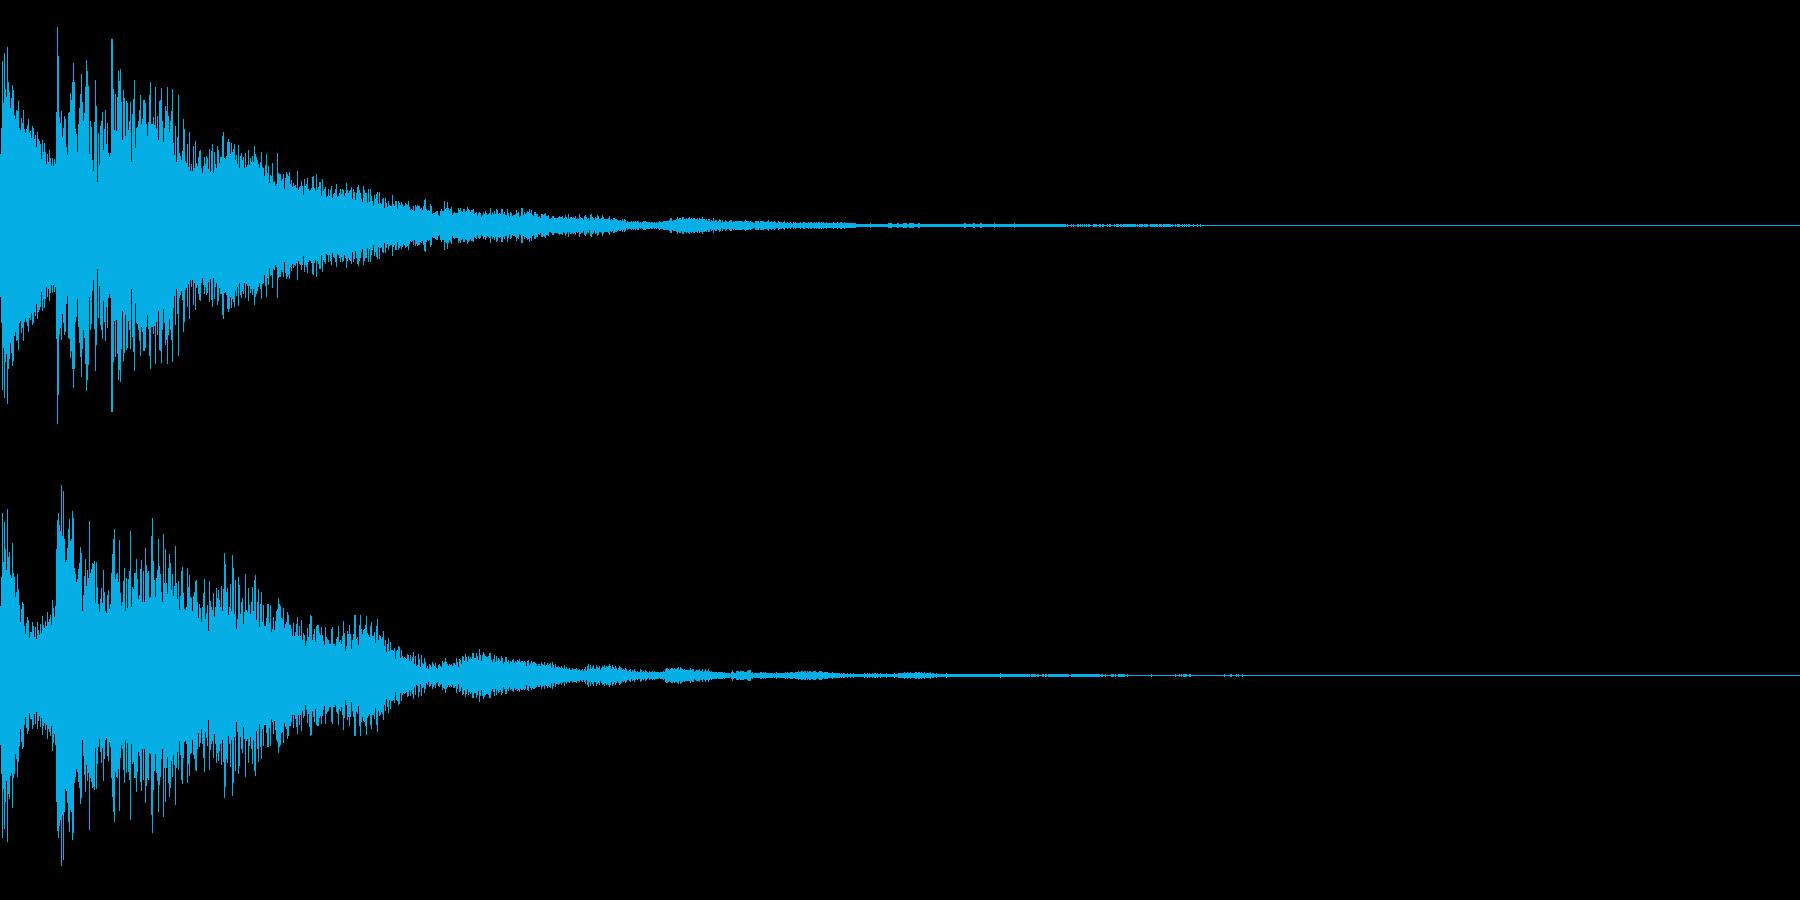 キュイン(ゲーム・アプリ等の決定音)の再生済みの波形